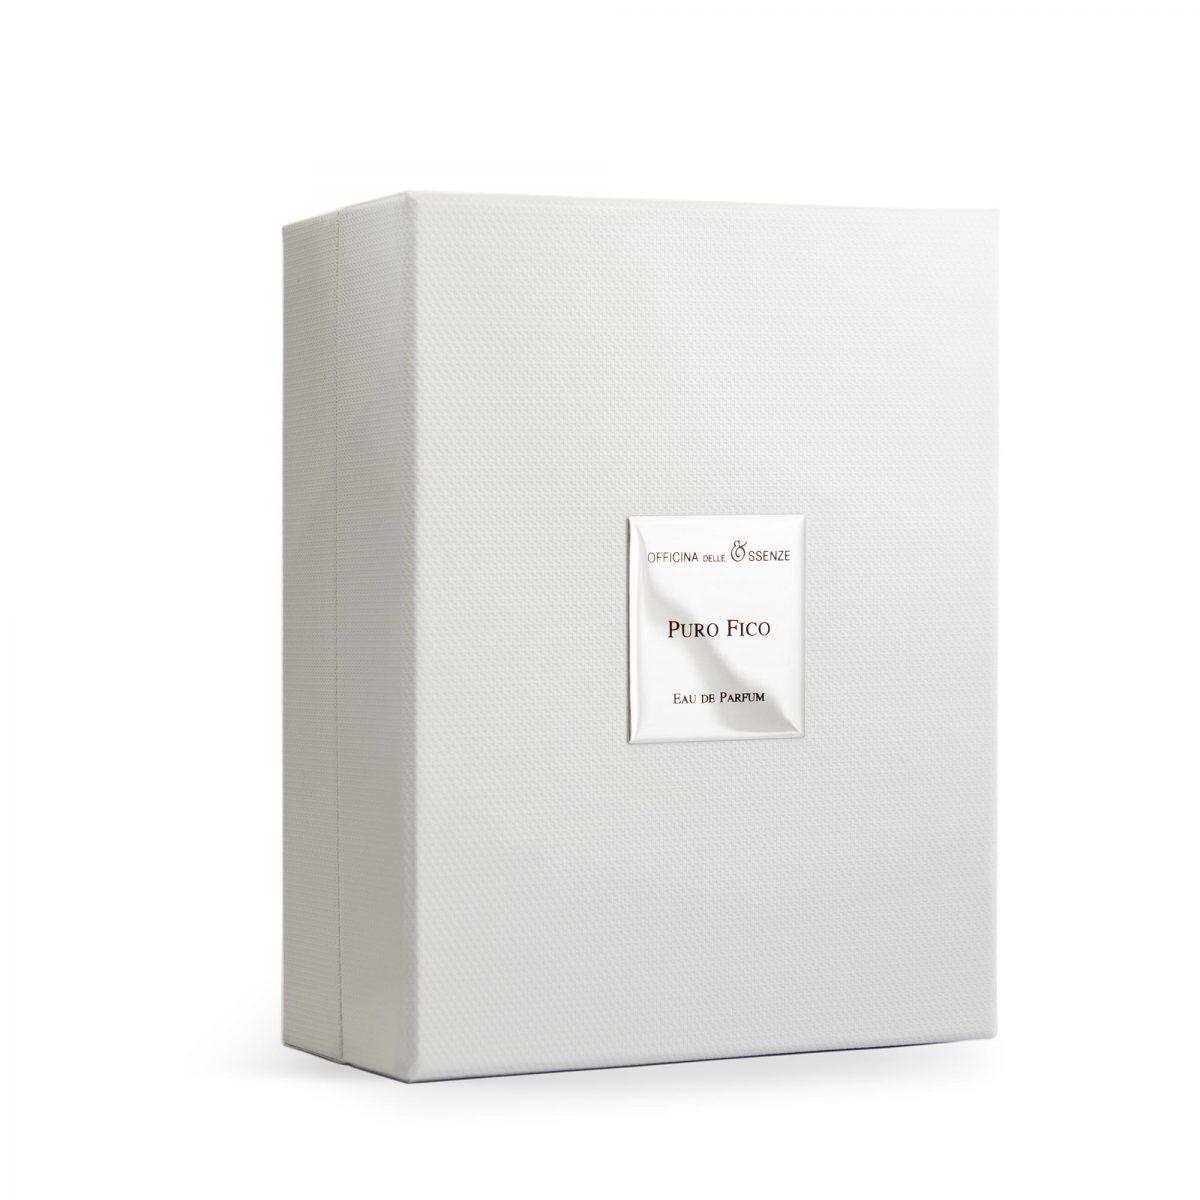 Officina delle Essenze box Puro Fico